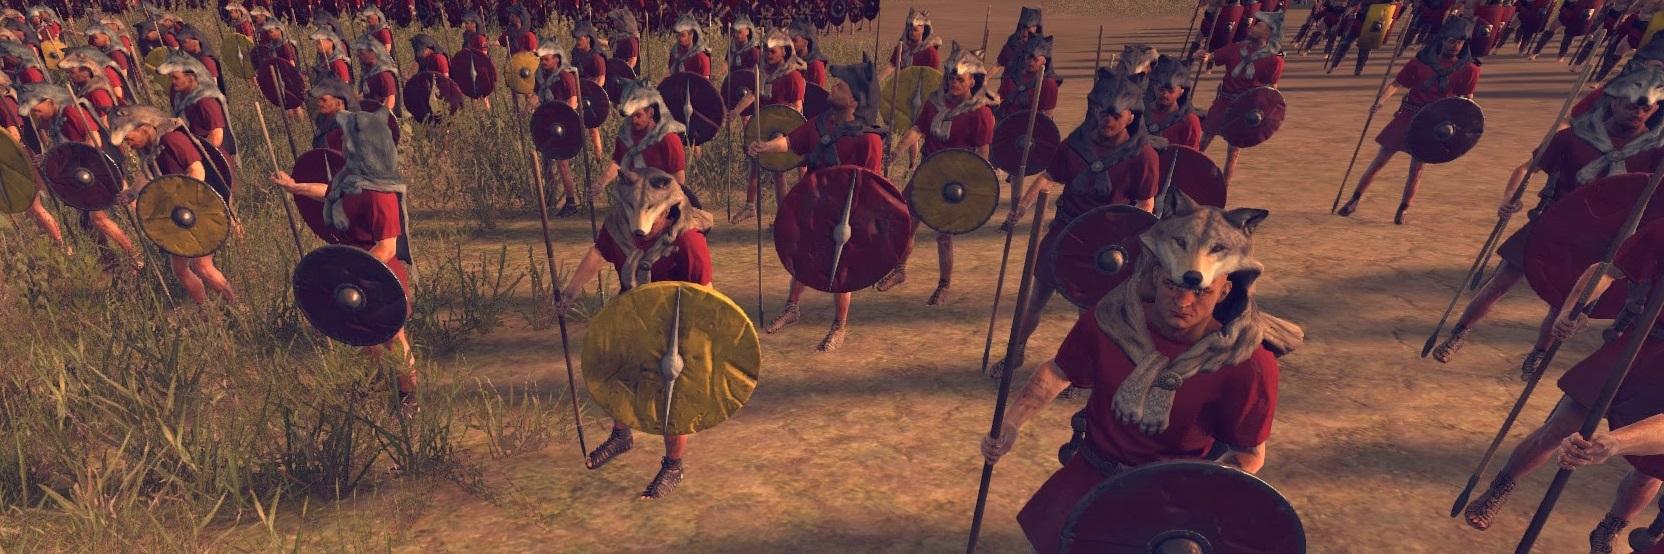 Manipular:Chiến thuật dàn quân cổ duy nhất tồn tại cho đến ngày nay